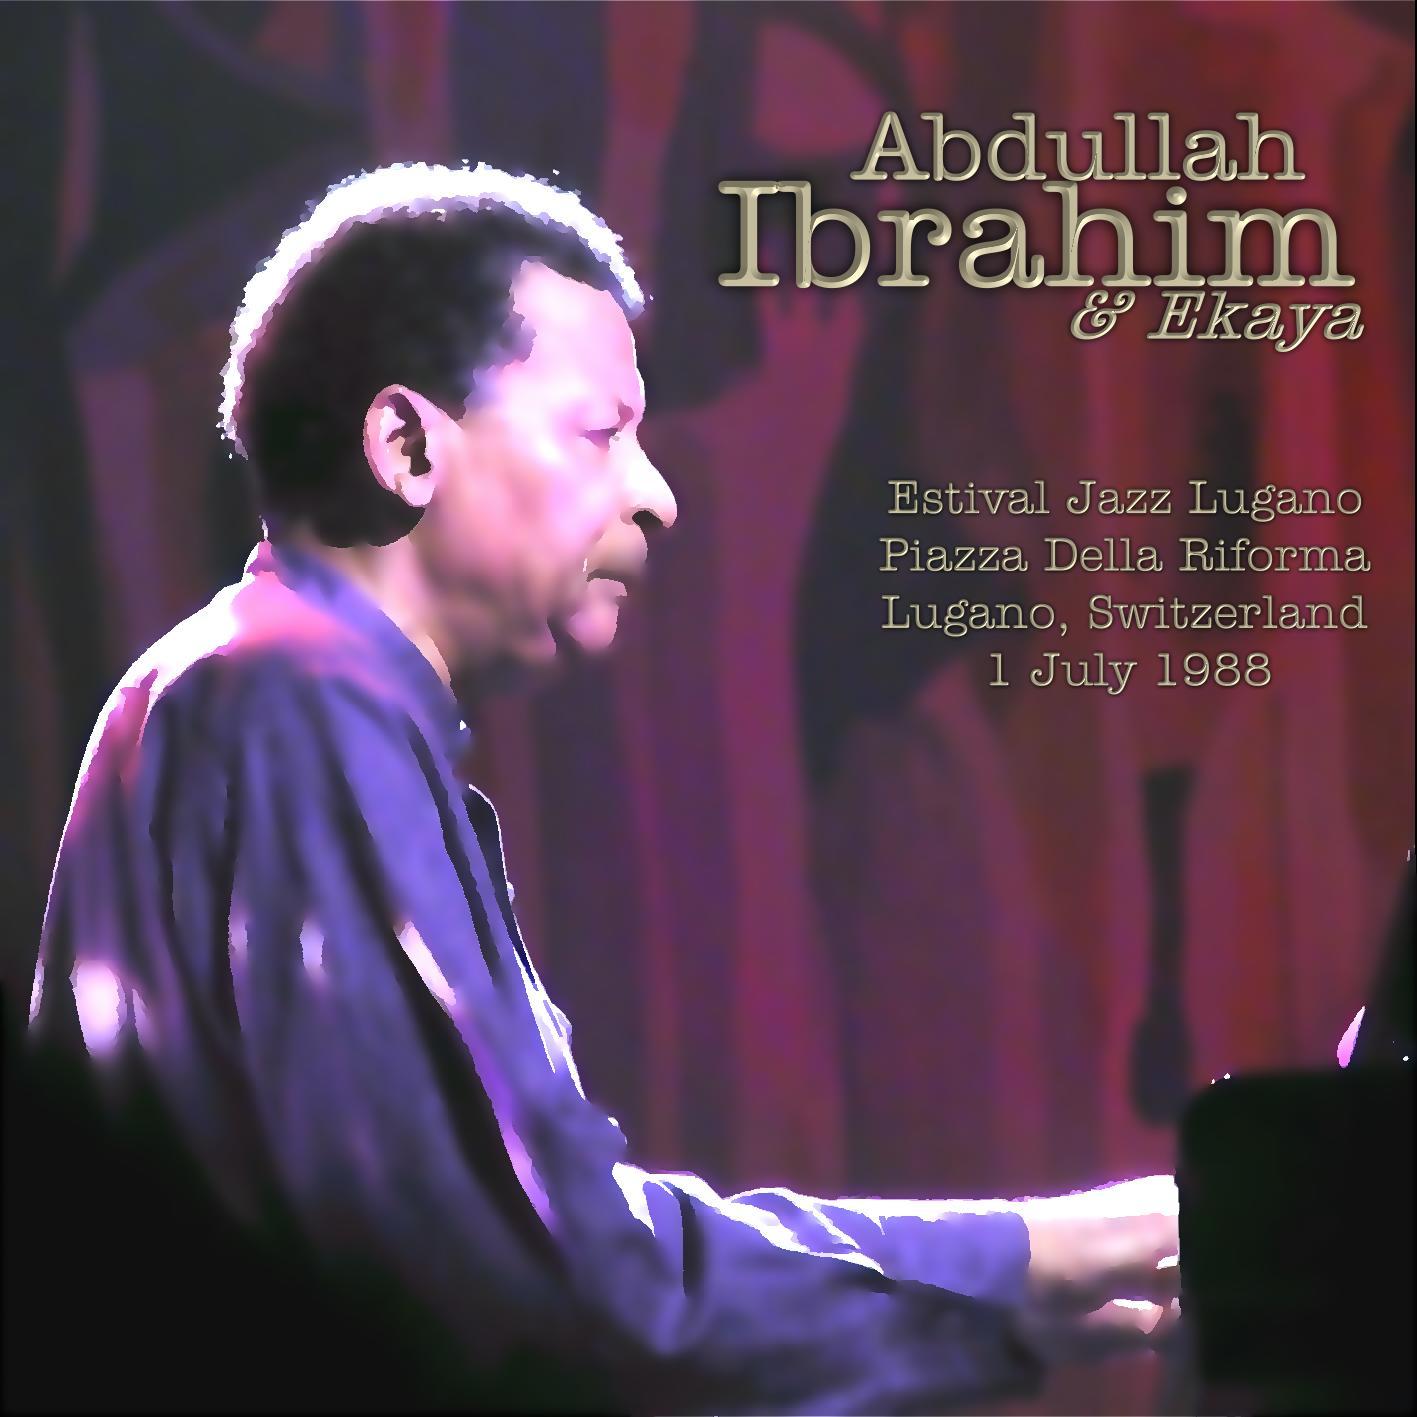 AbdullahIbrahimEkaya1988-07-01EstivalJazzLuganoSwitzerland.JPG